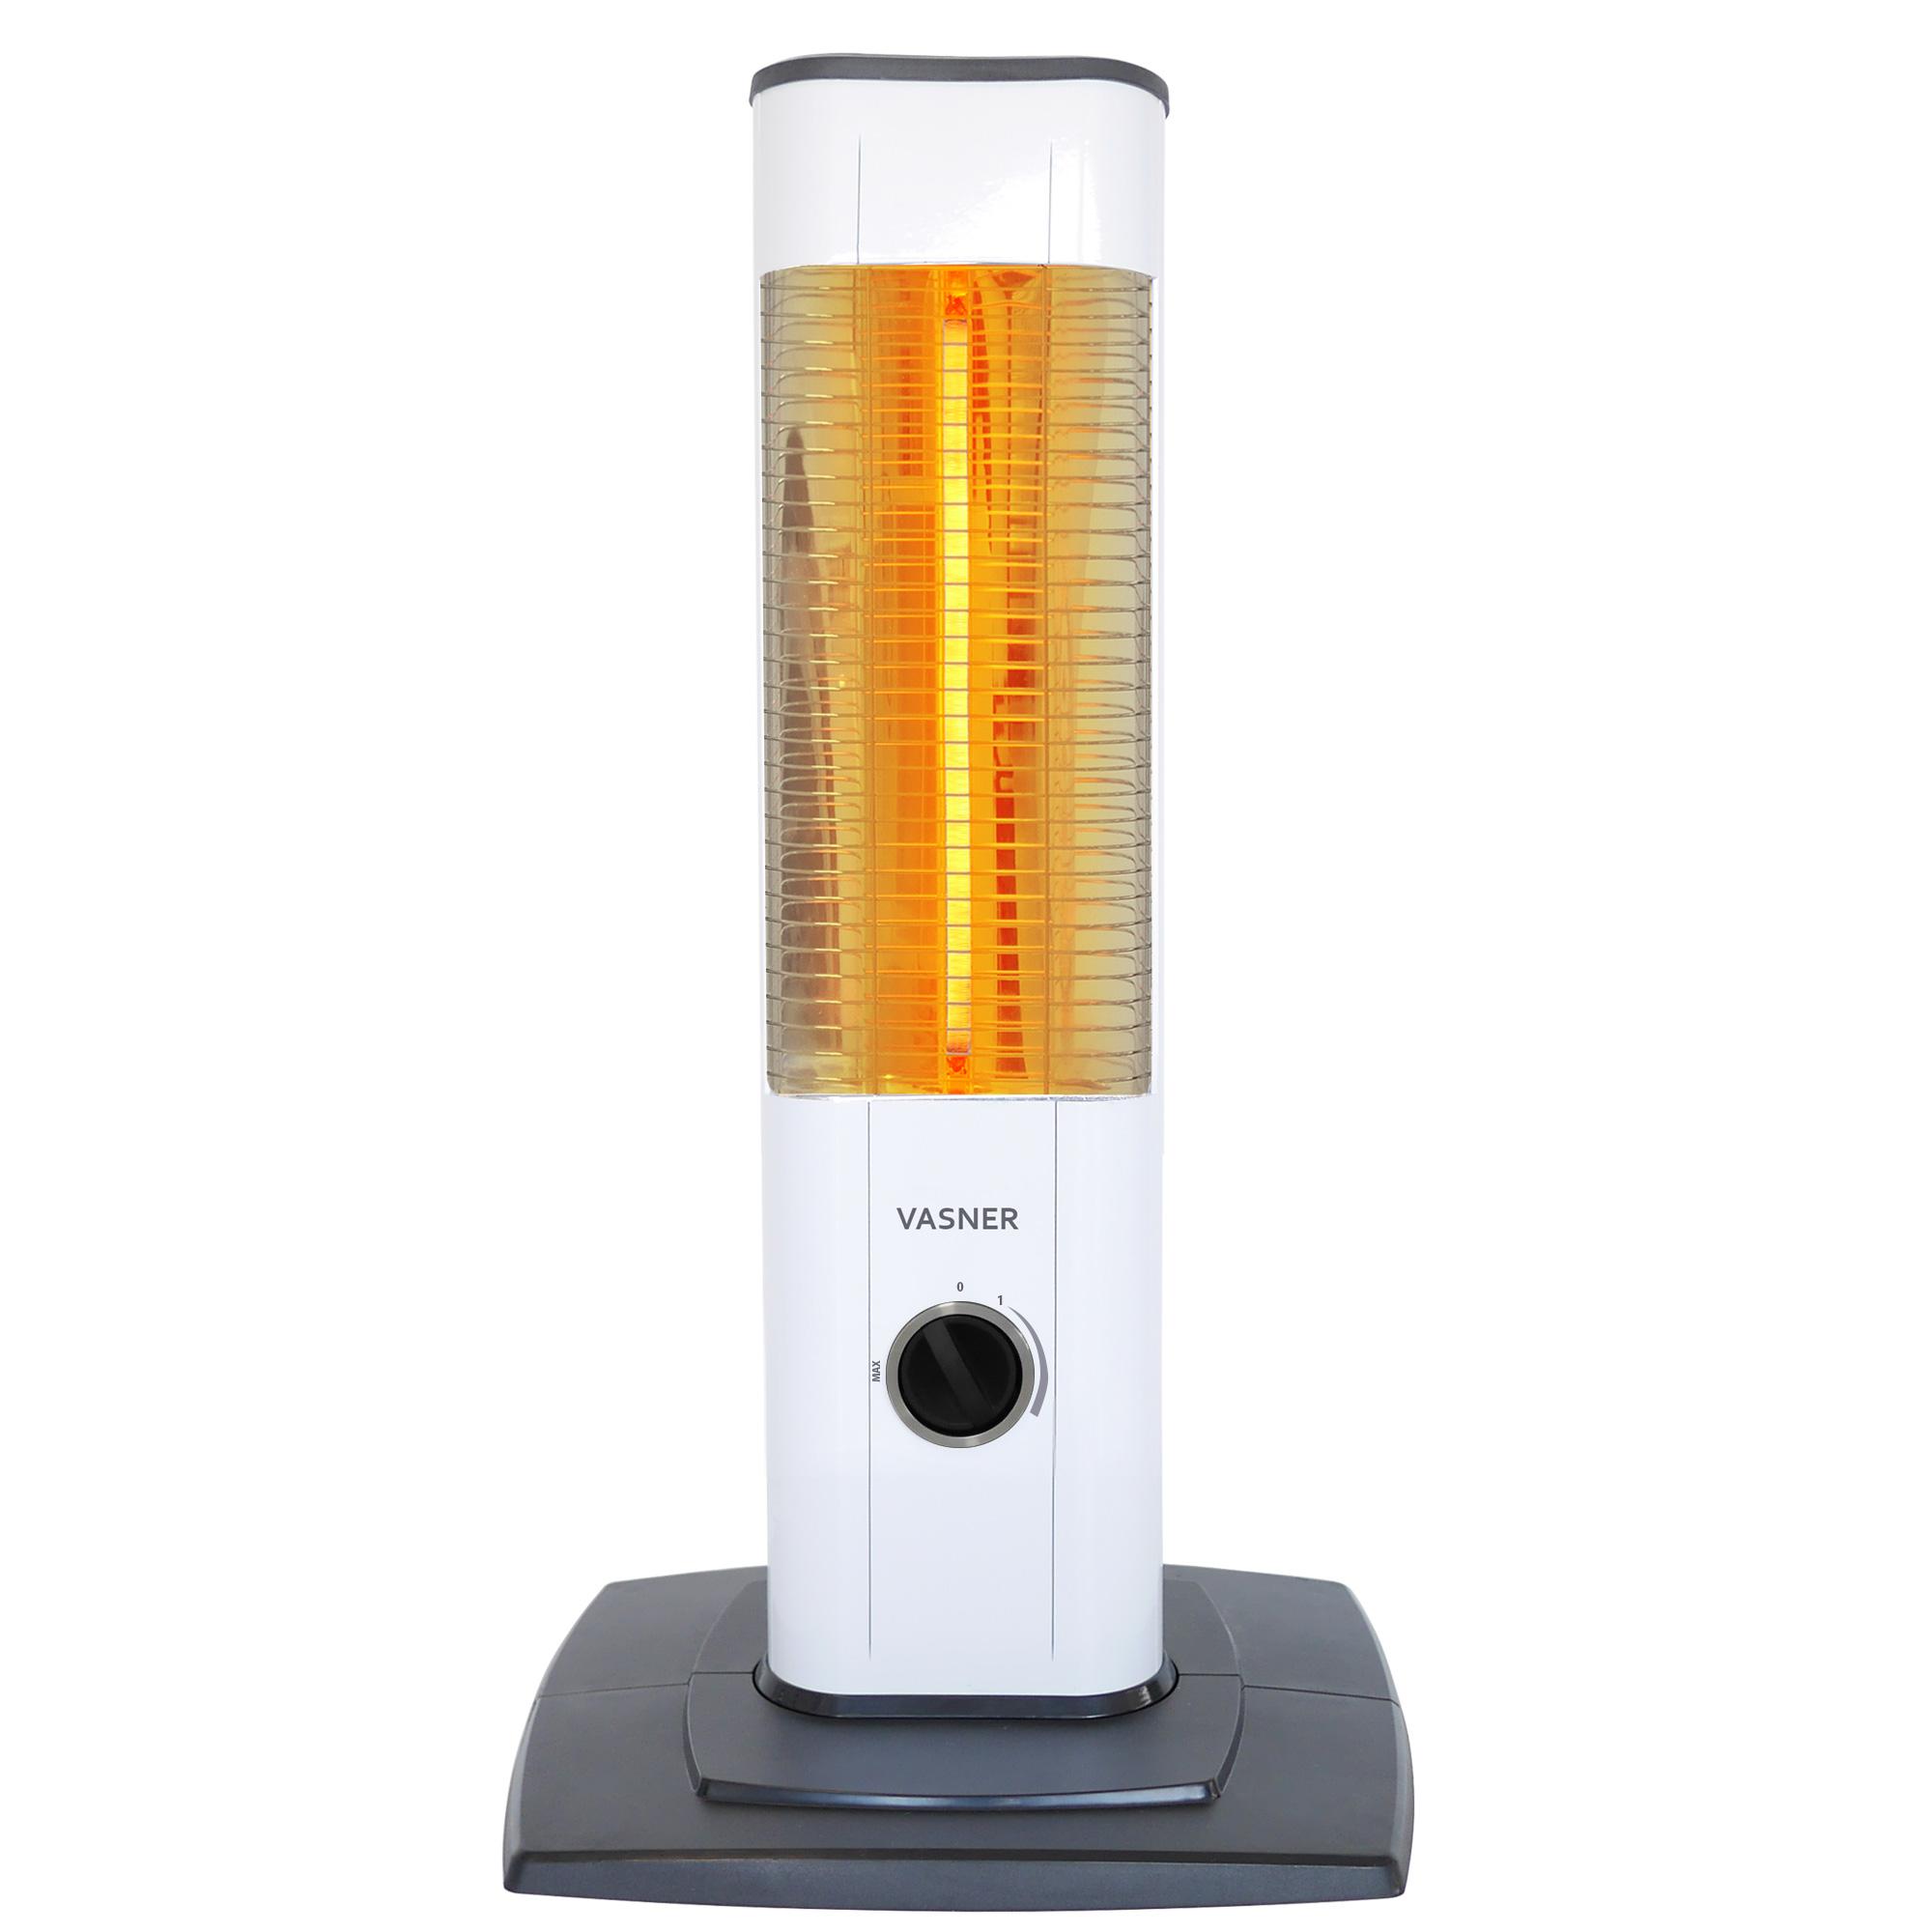 vasner standline mini infrarot heizstrahler standger t 1200 w carbon. Black Bedroom Furniture Sets. Home Design Ideas